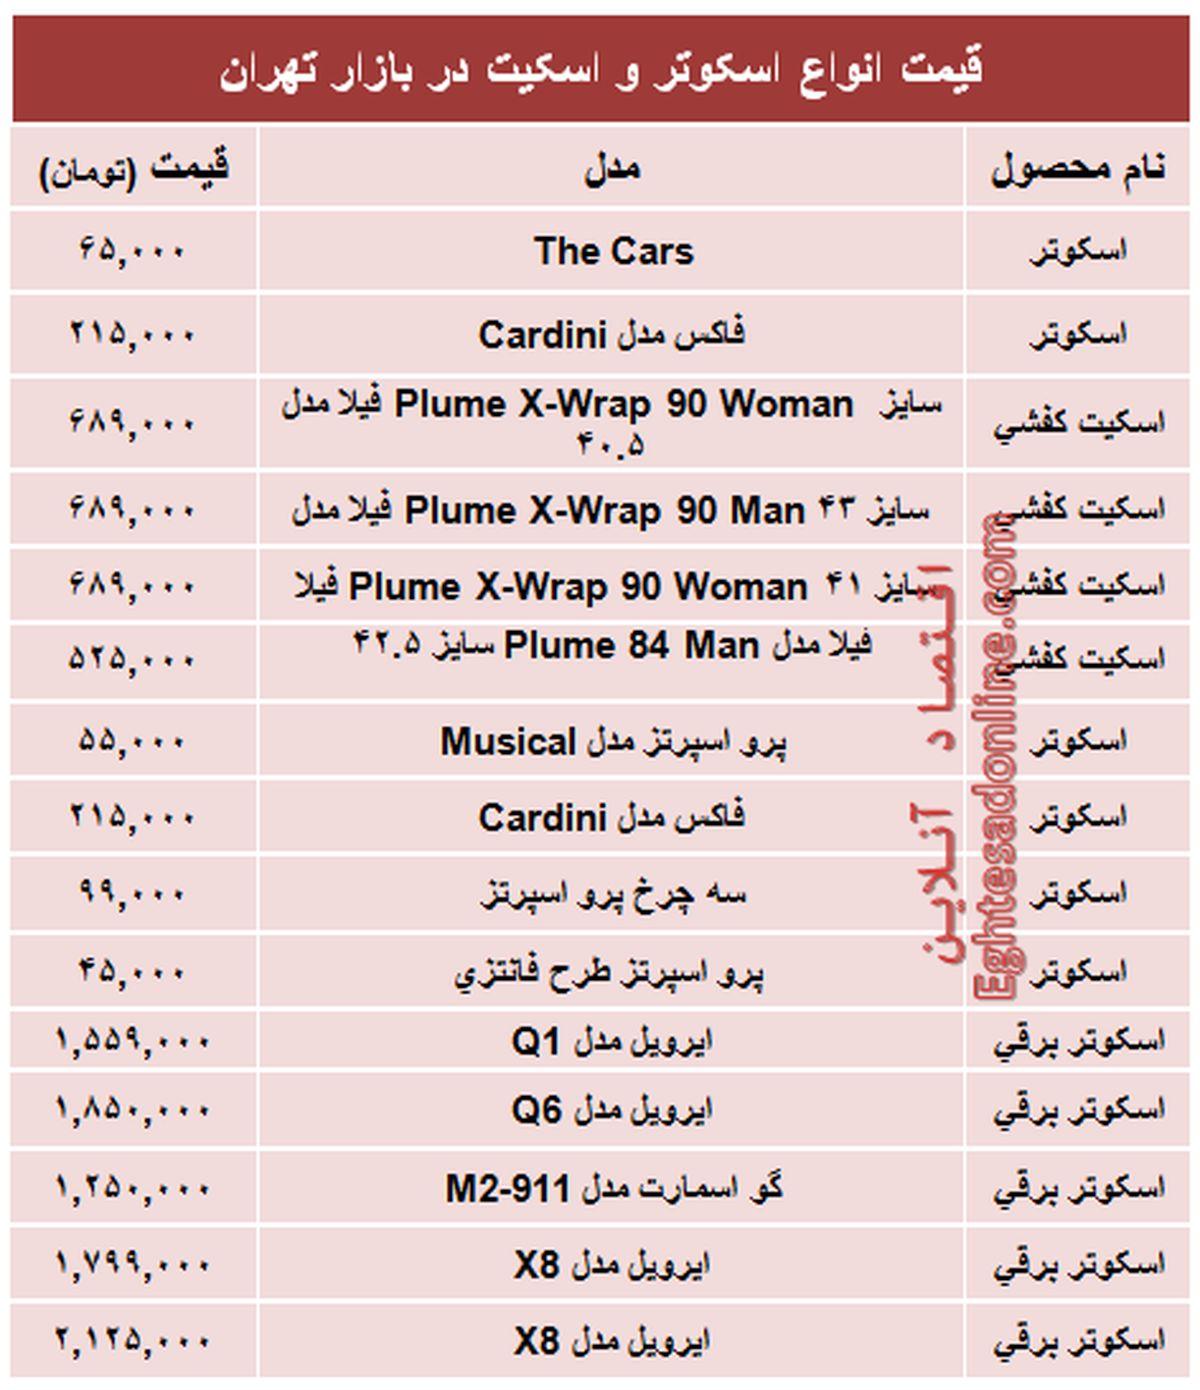 قیمت روز انواع اسکوتر و اسکیت؟ +جدول